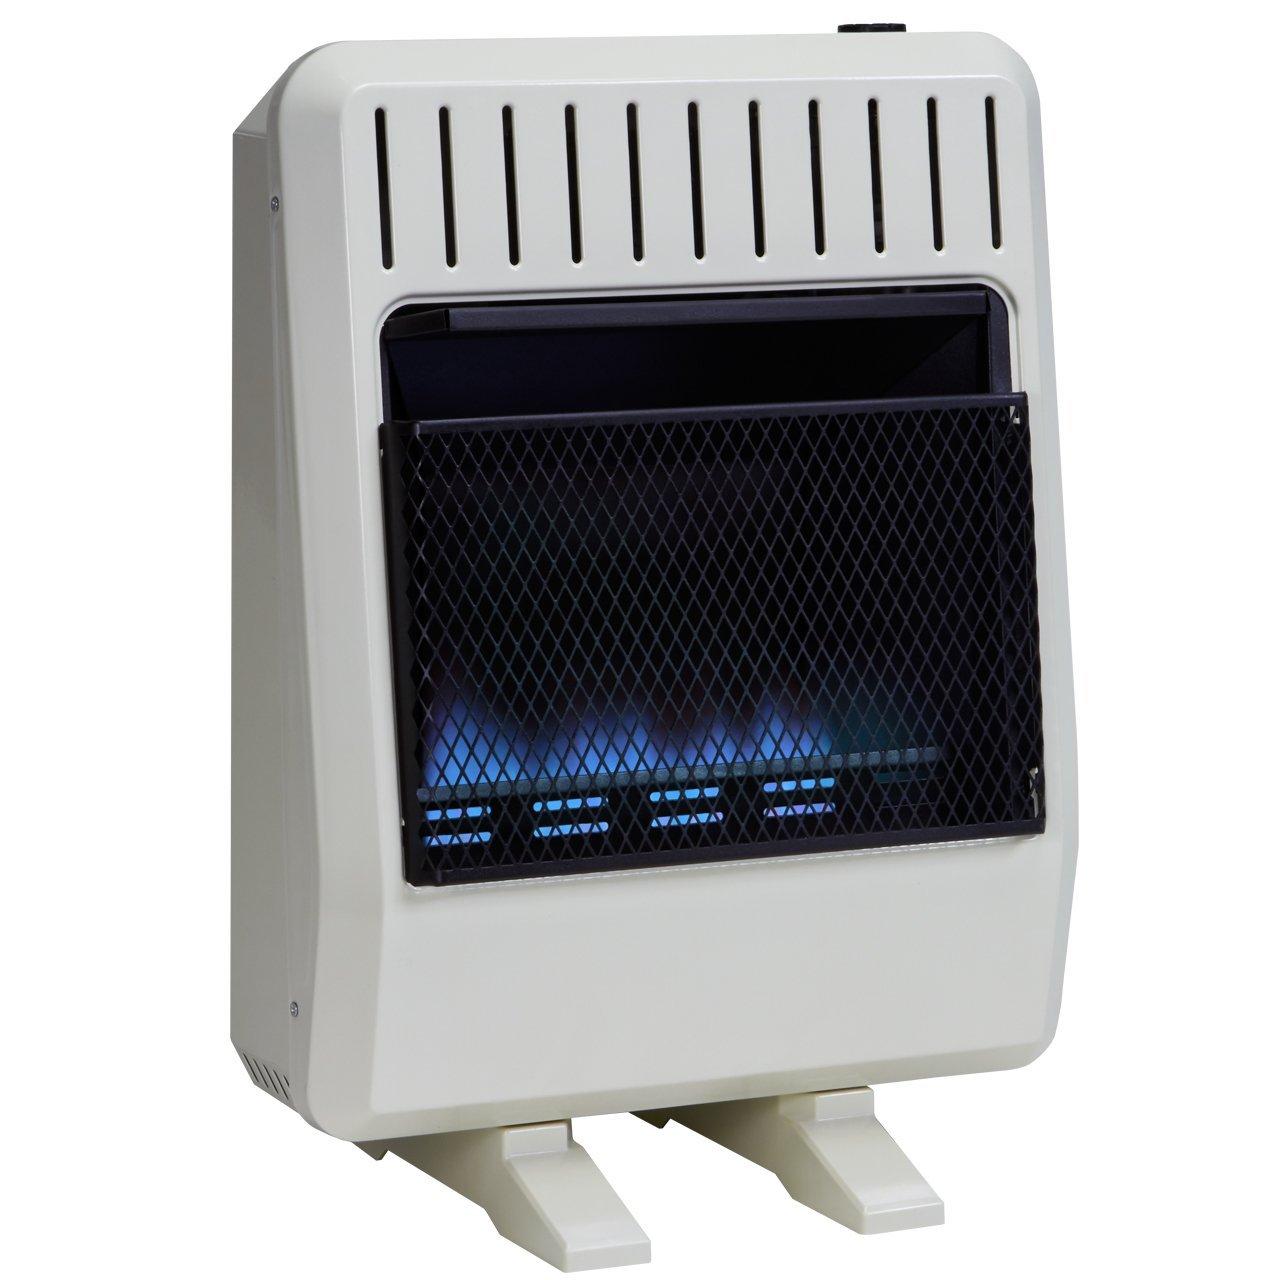 Avenger FDT20BFA Dual Fuel Ventless Blue Flame Heater, White by Avenger